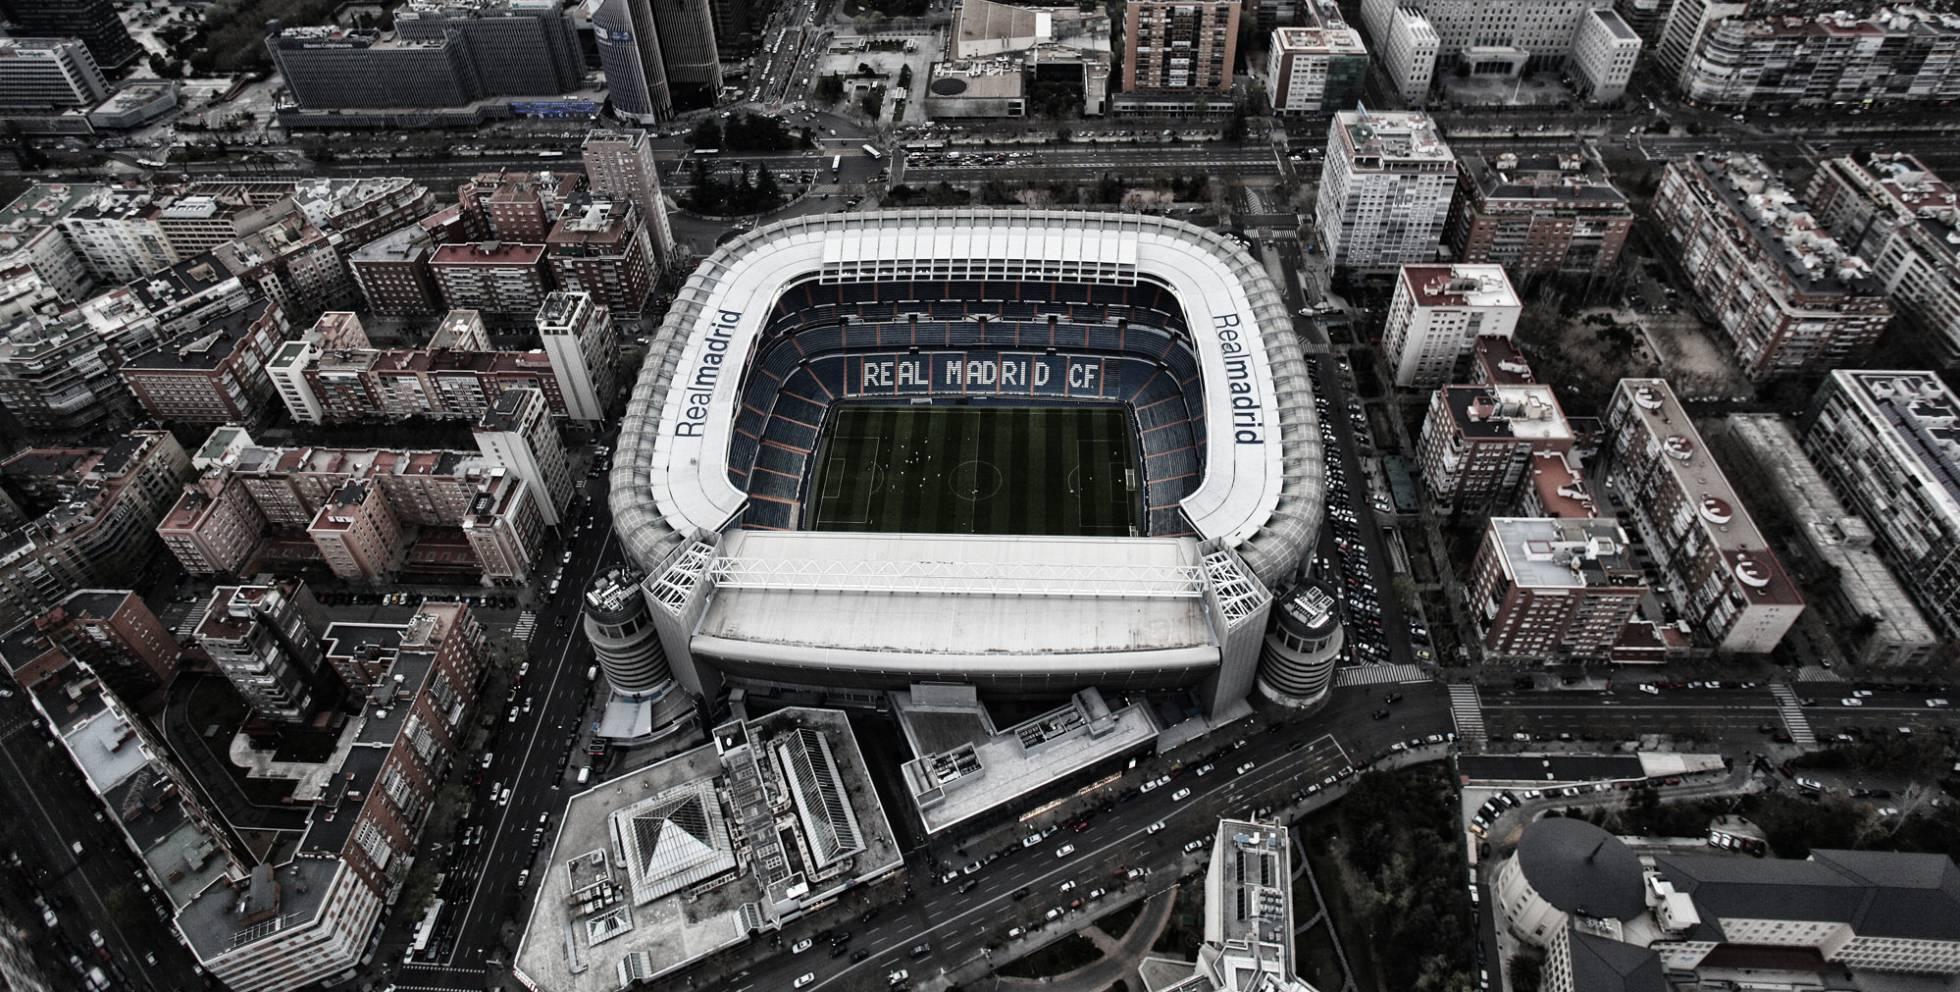 Fotos La Evolución Del Estadio Santiago Bernabéu En Imágenes Deportes El País